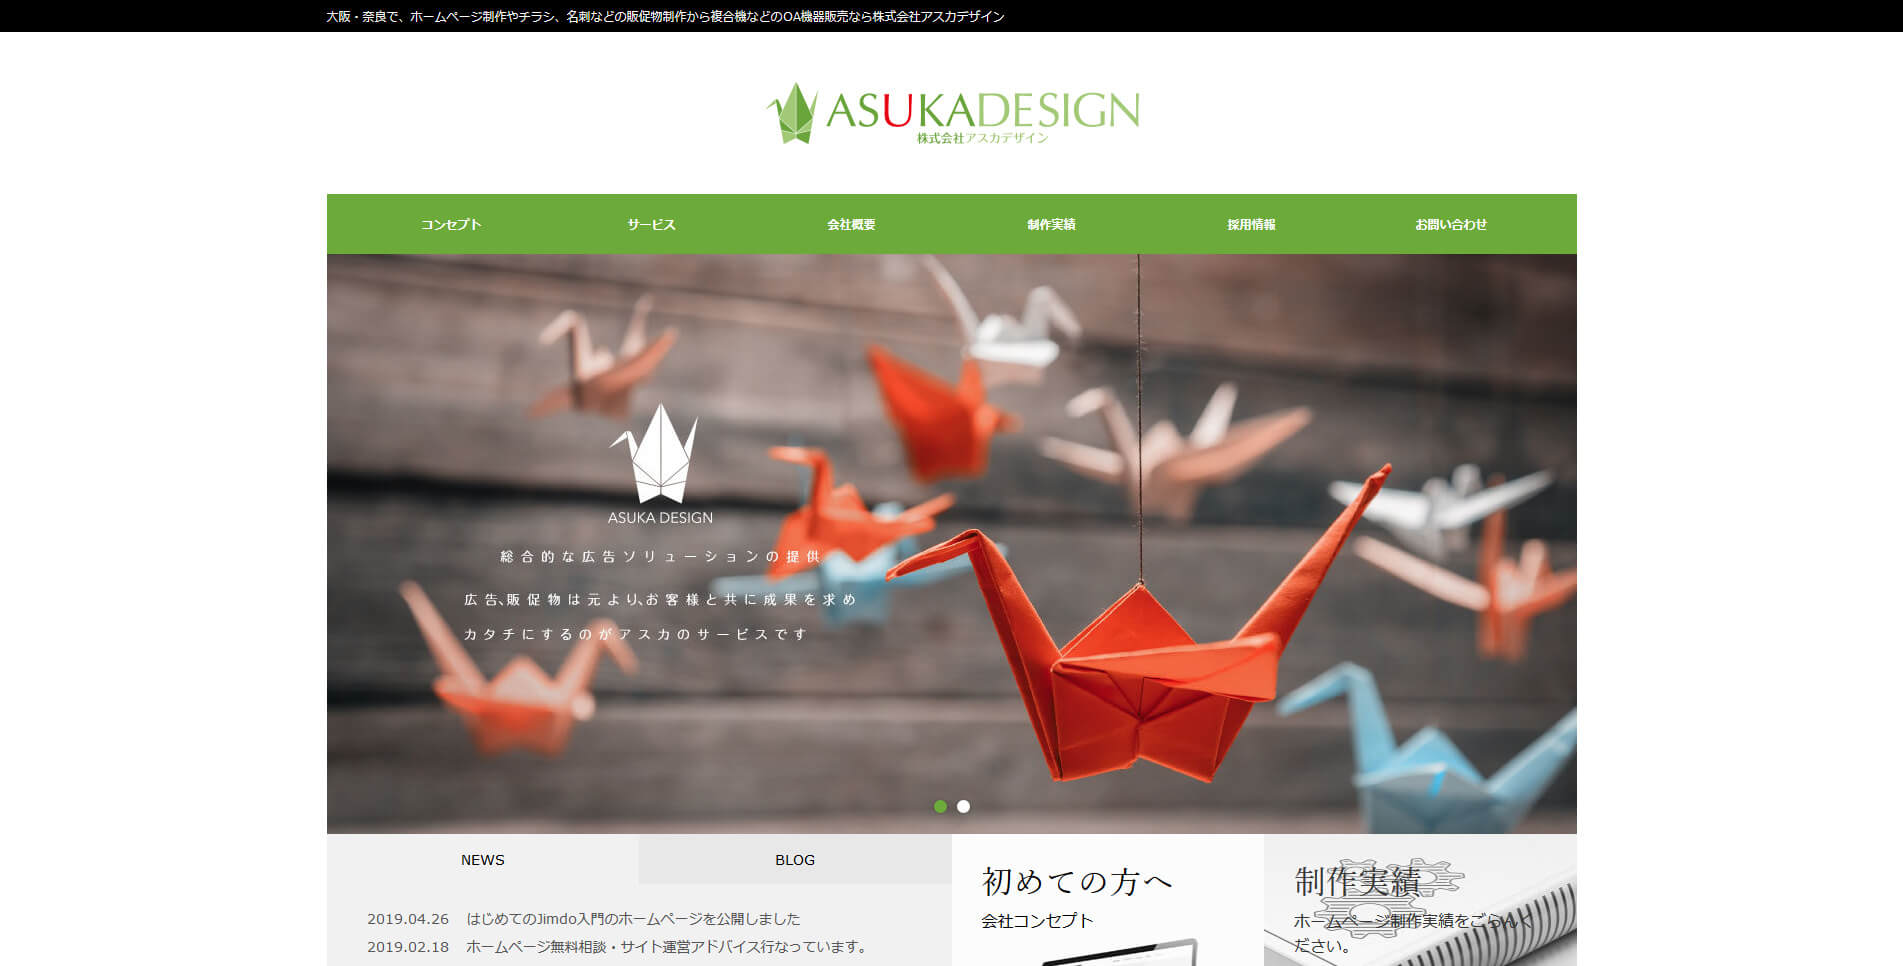 株式会社アスカデザイン